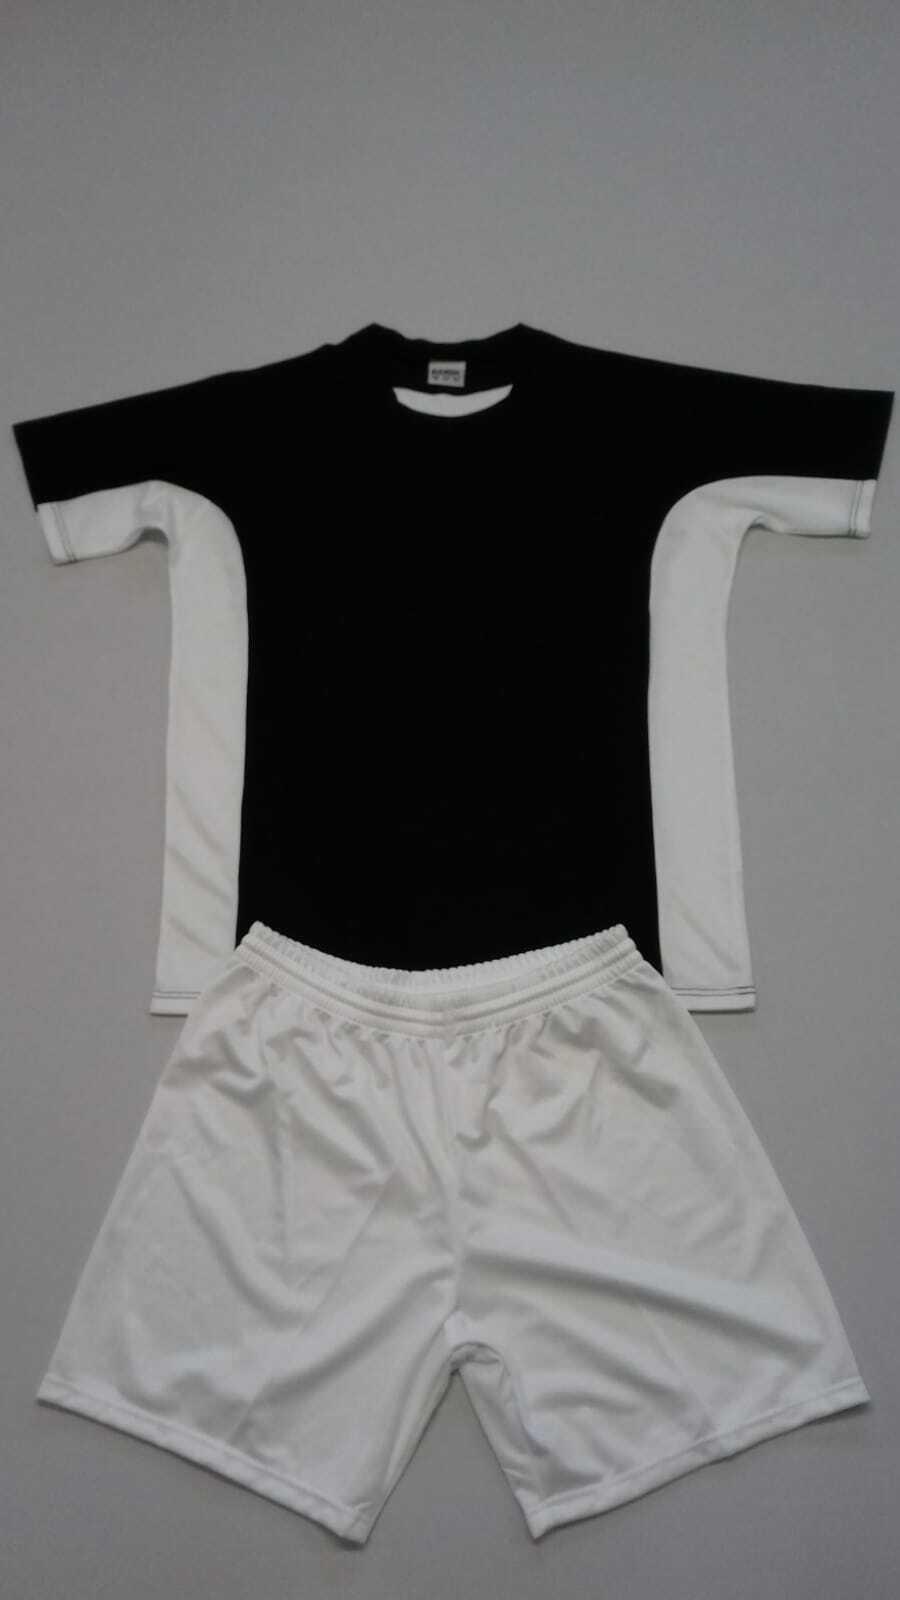 FOOTEX 10 Completi Calcio Calcetto COSMOS Manica Corta Color negro Bianco